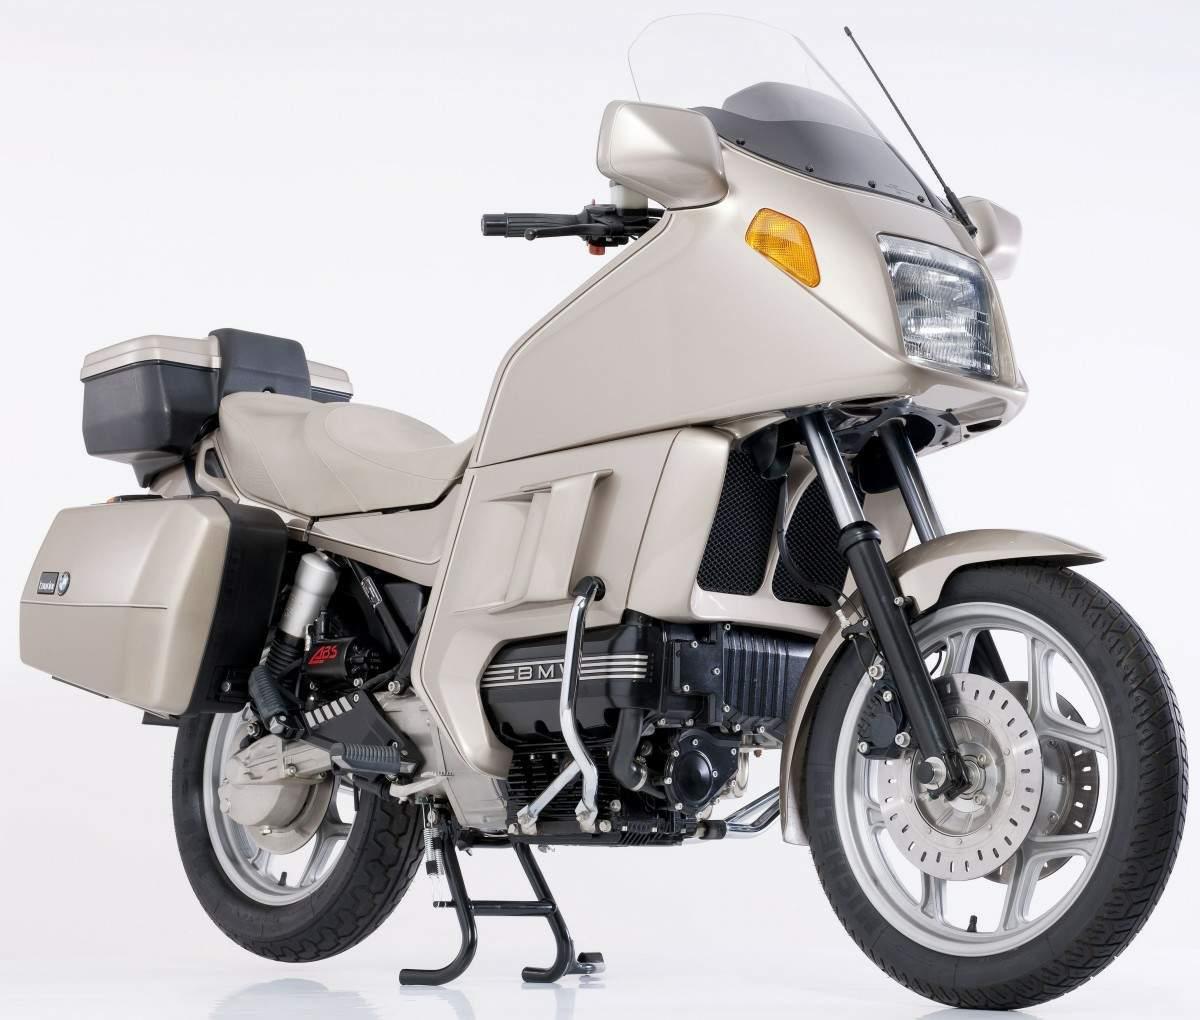 Image of BMW K 100 LT